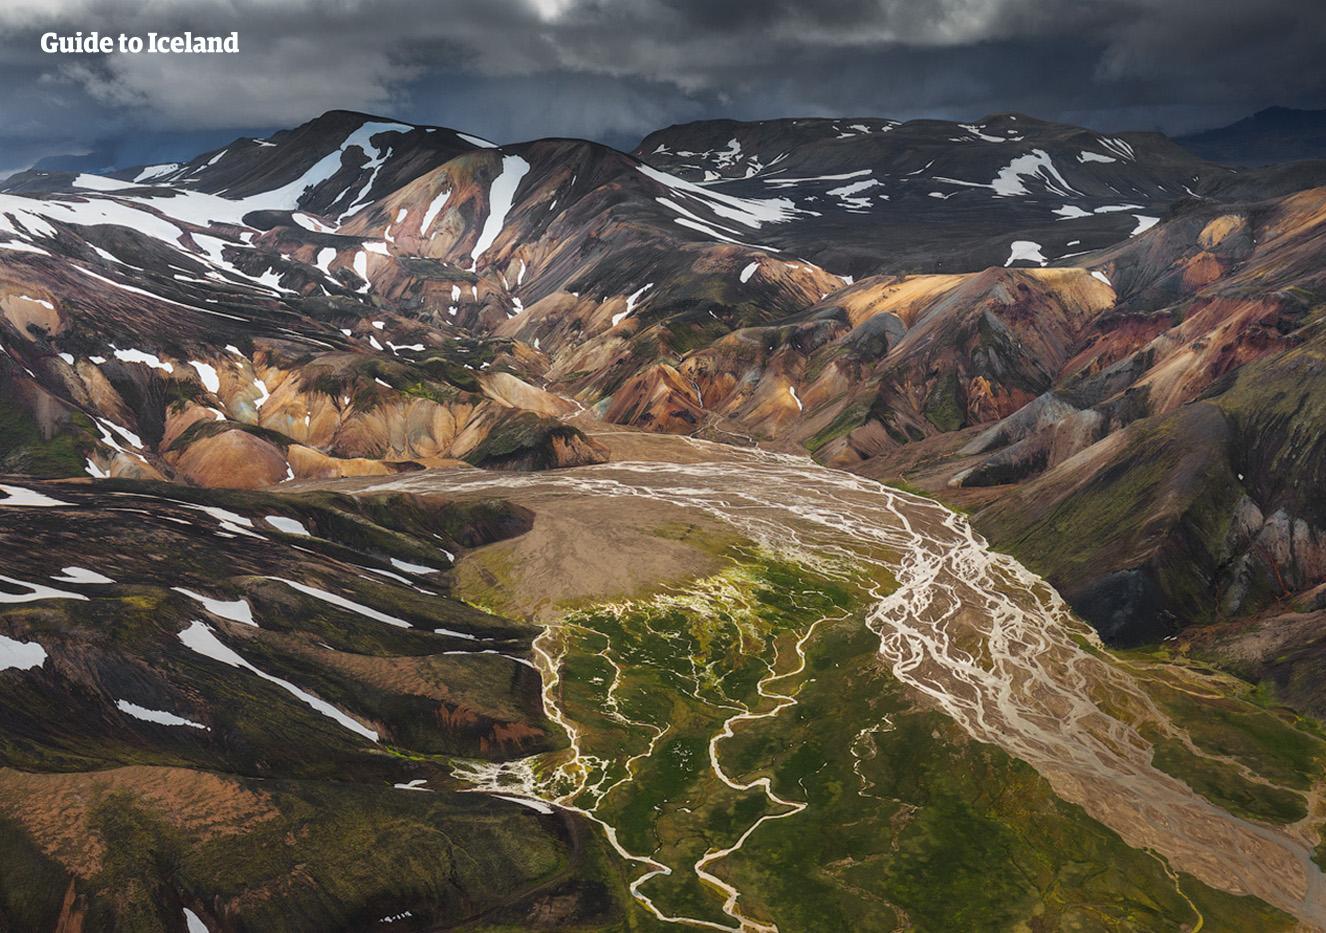 Widok islandzkiego interioru z lotu ptaka.